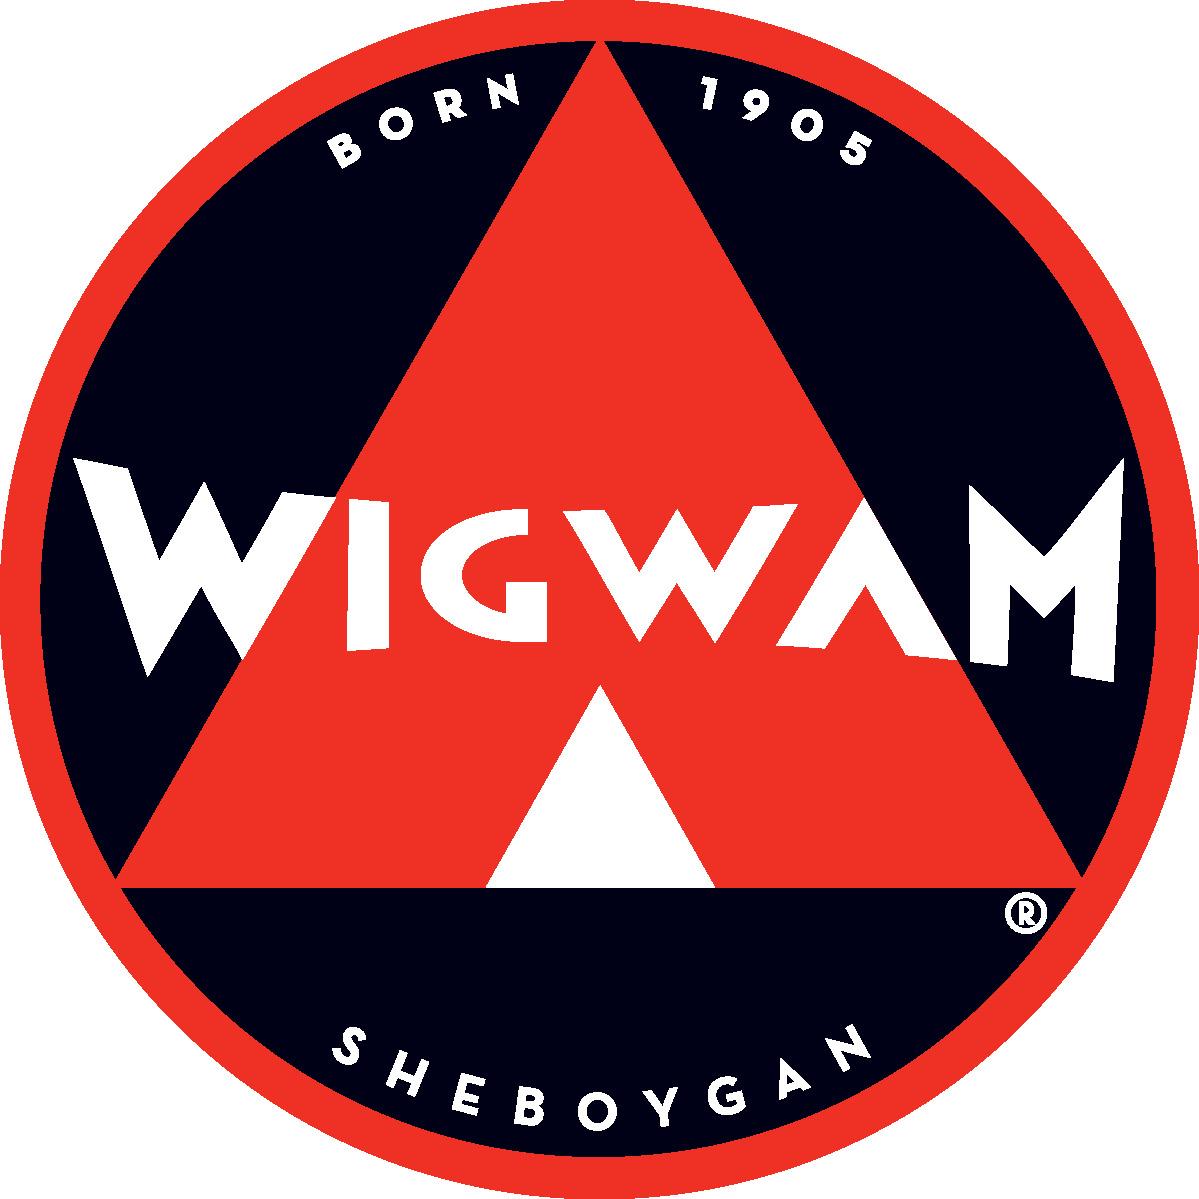 wigwam.jpg